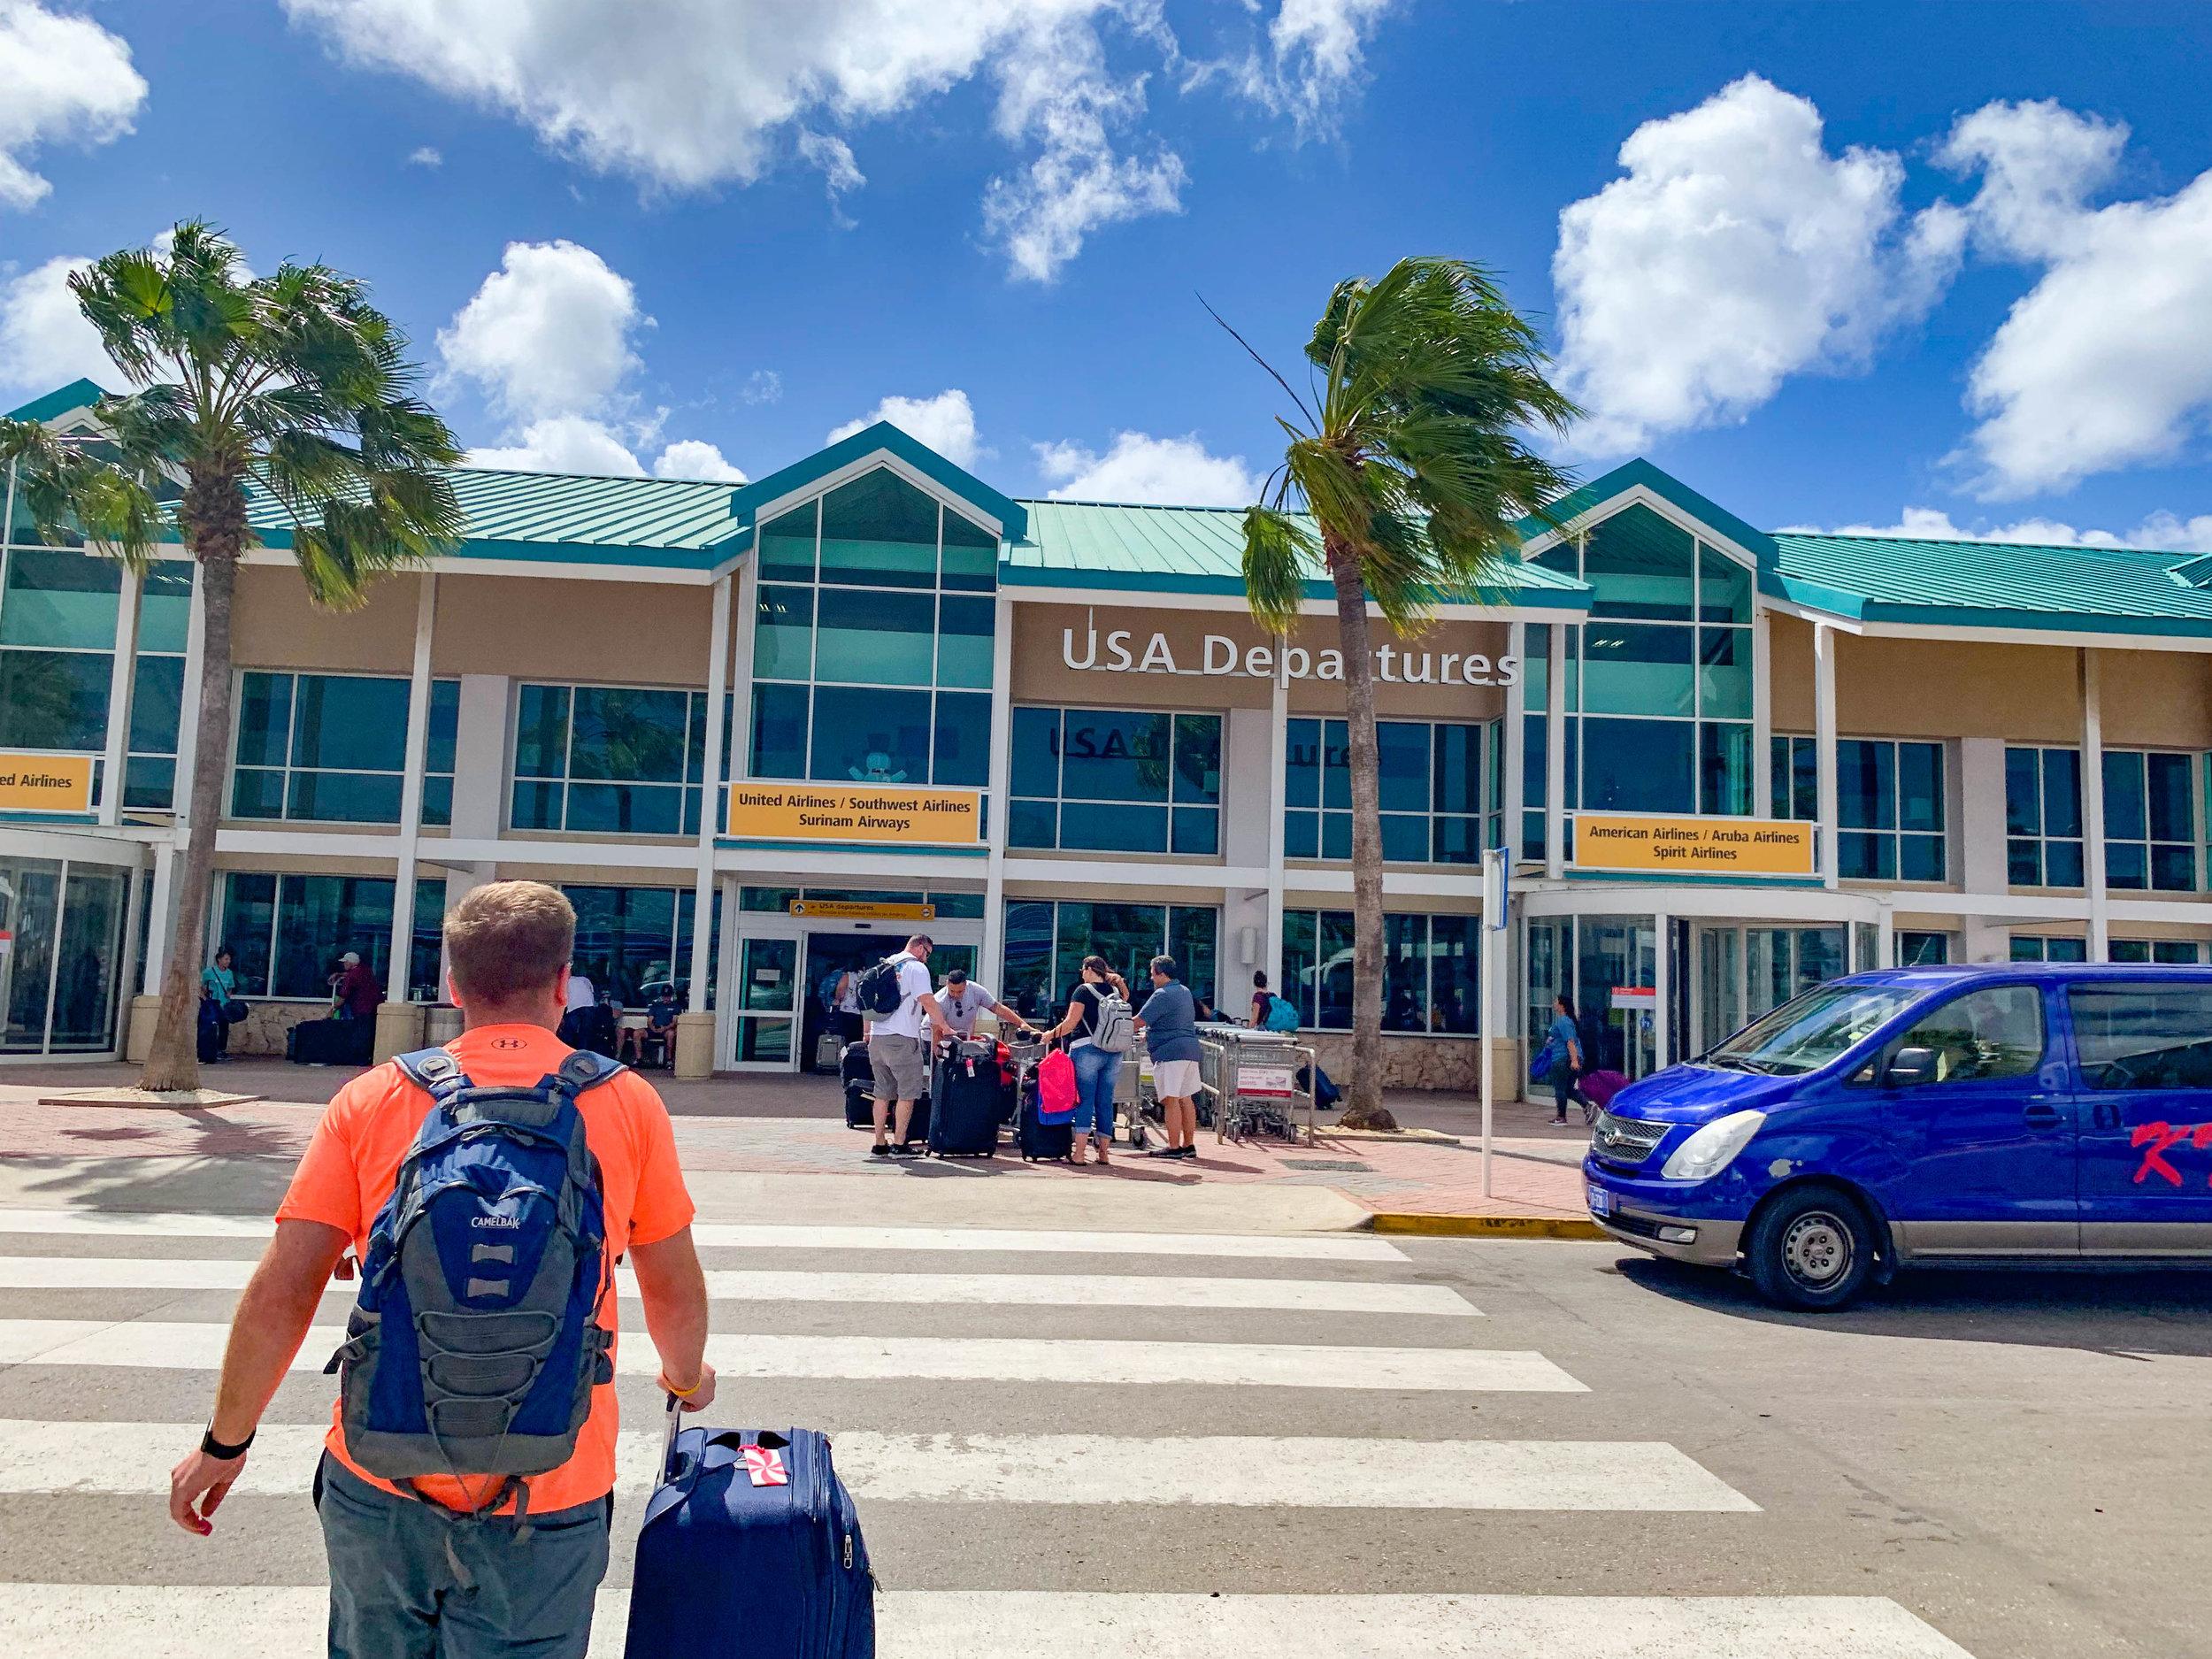 Aruba Airport US Departures.jpg